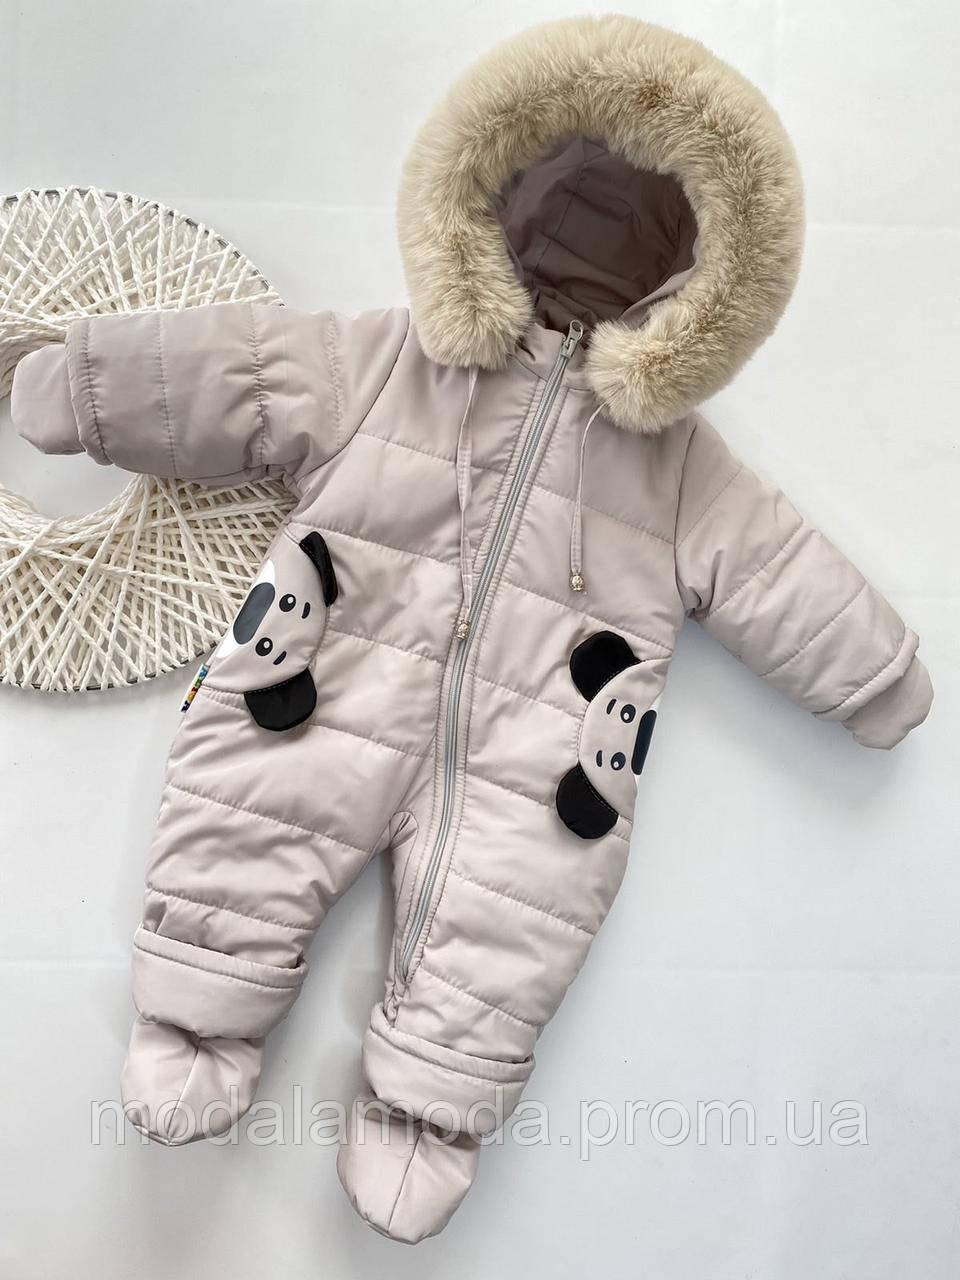 Комбінезон зимовий для новонароджених на овчині(від народження до 1 року)